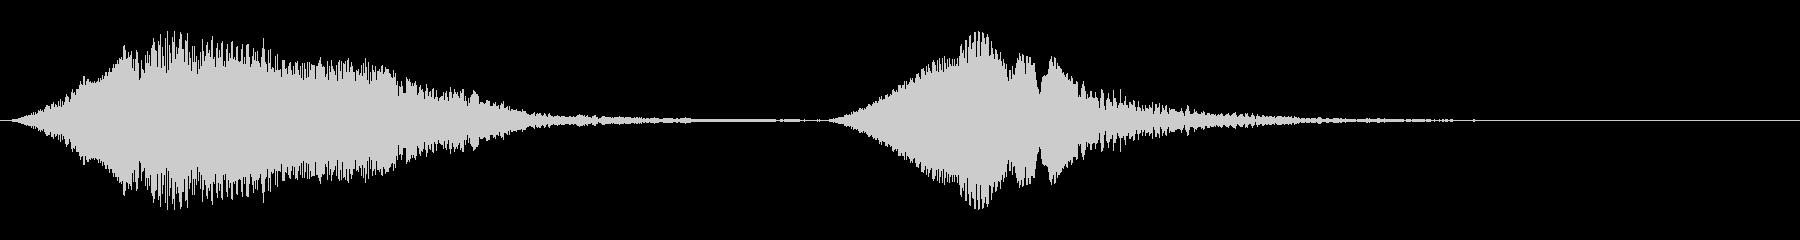 低音のウェーブトーンの未再生の波形